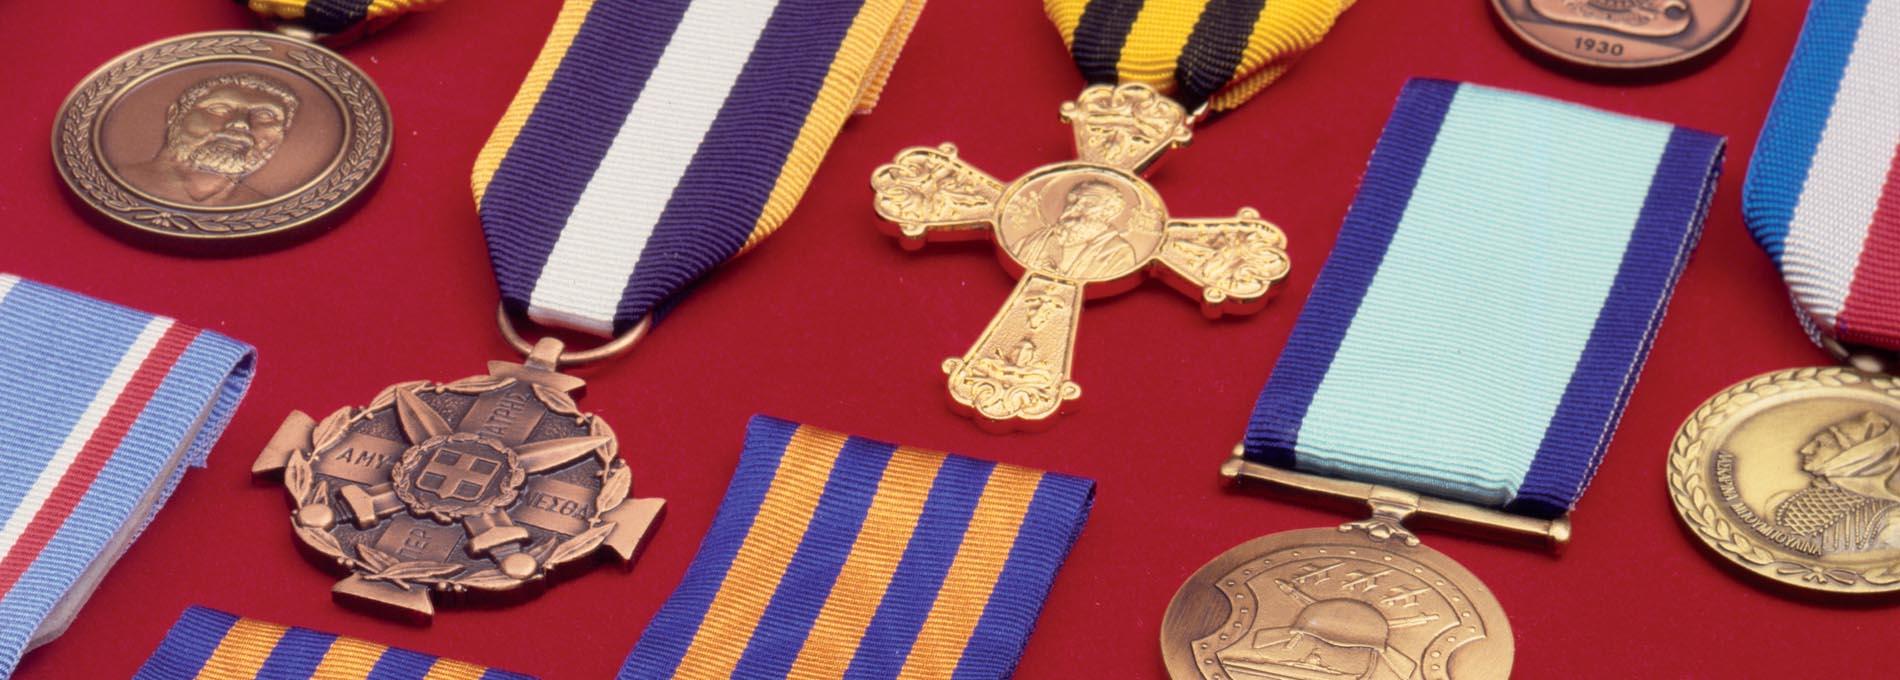 Μετάλλια Ελληνικού Κράτους